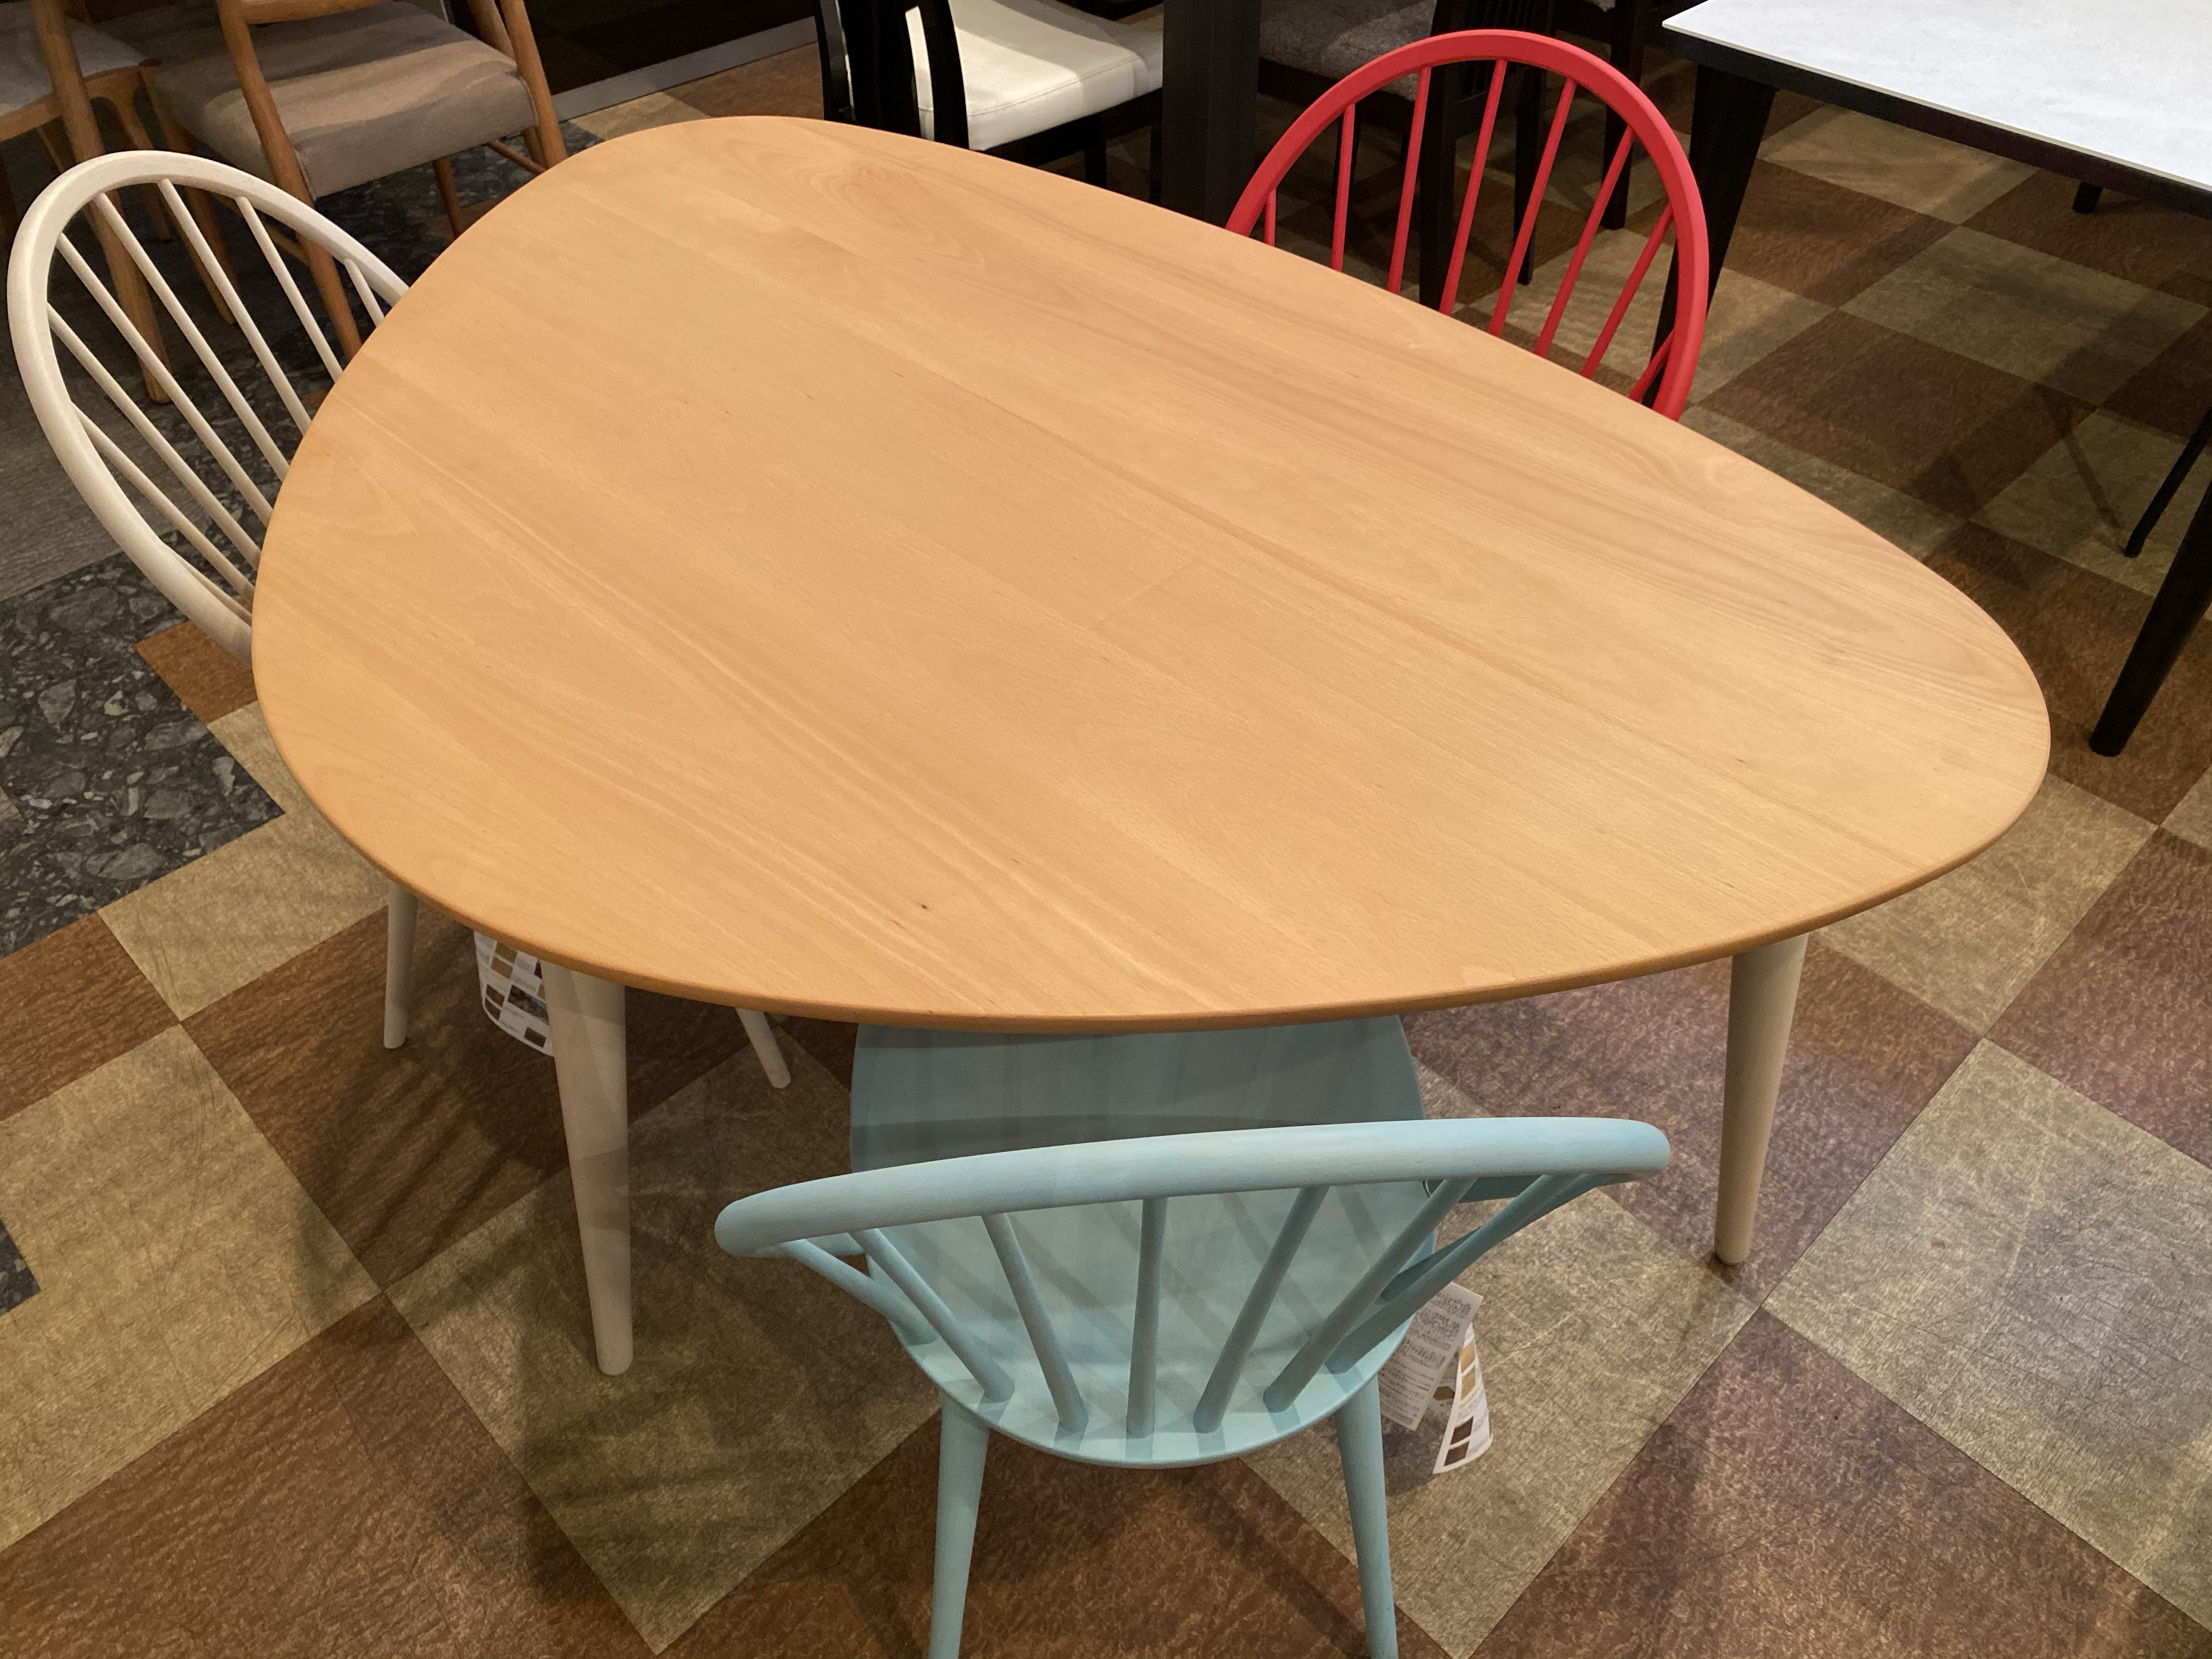 【テレワークにお勧めしたいテーブル】柏木工・LEIトライアングルテーブル